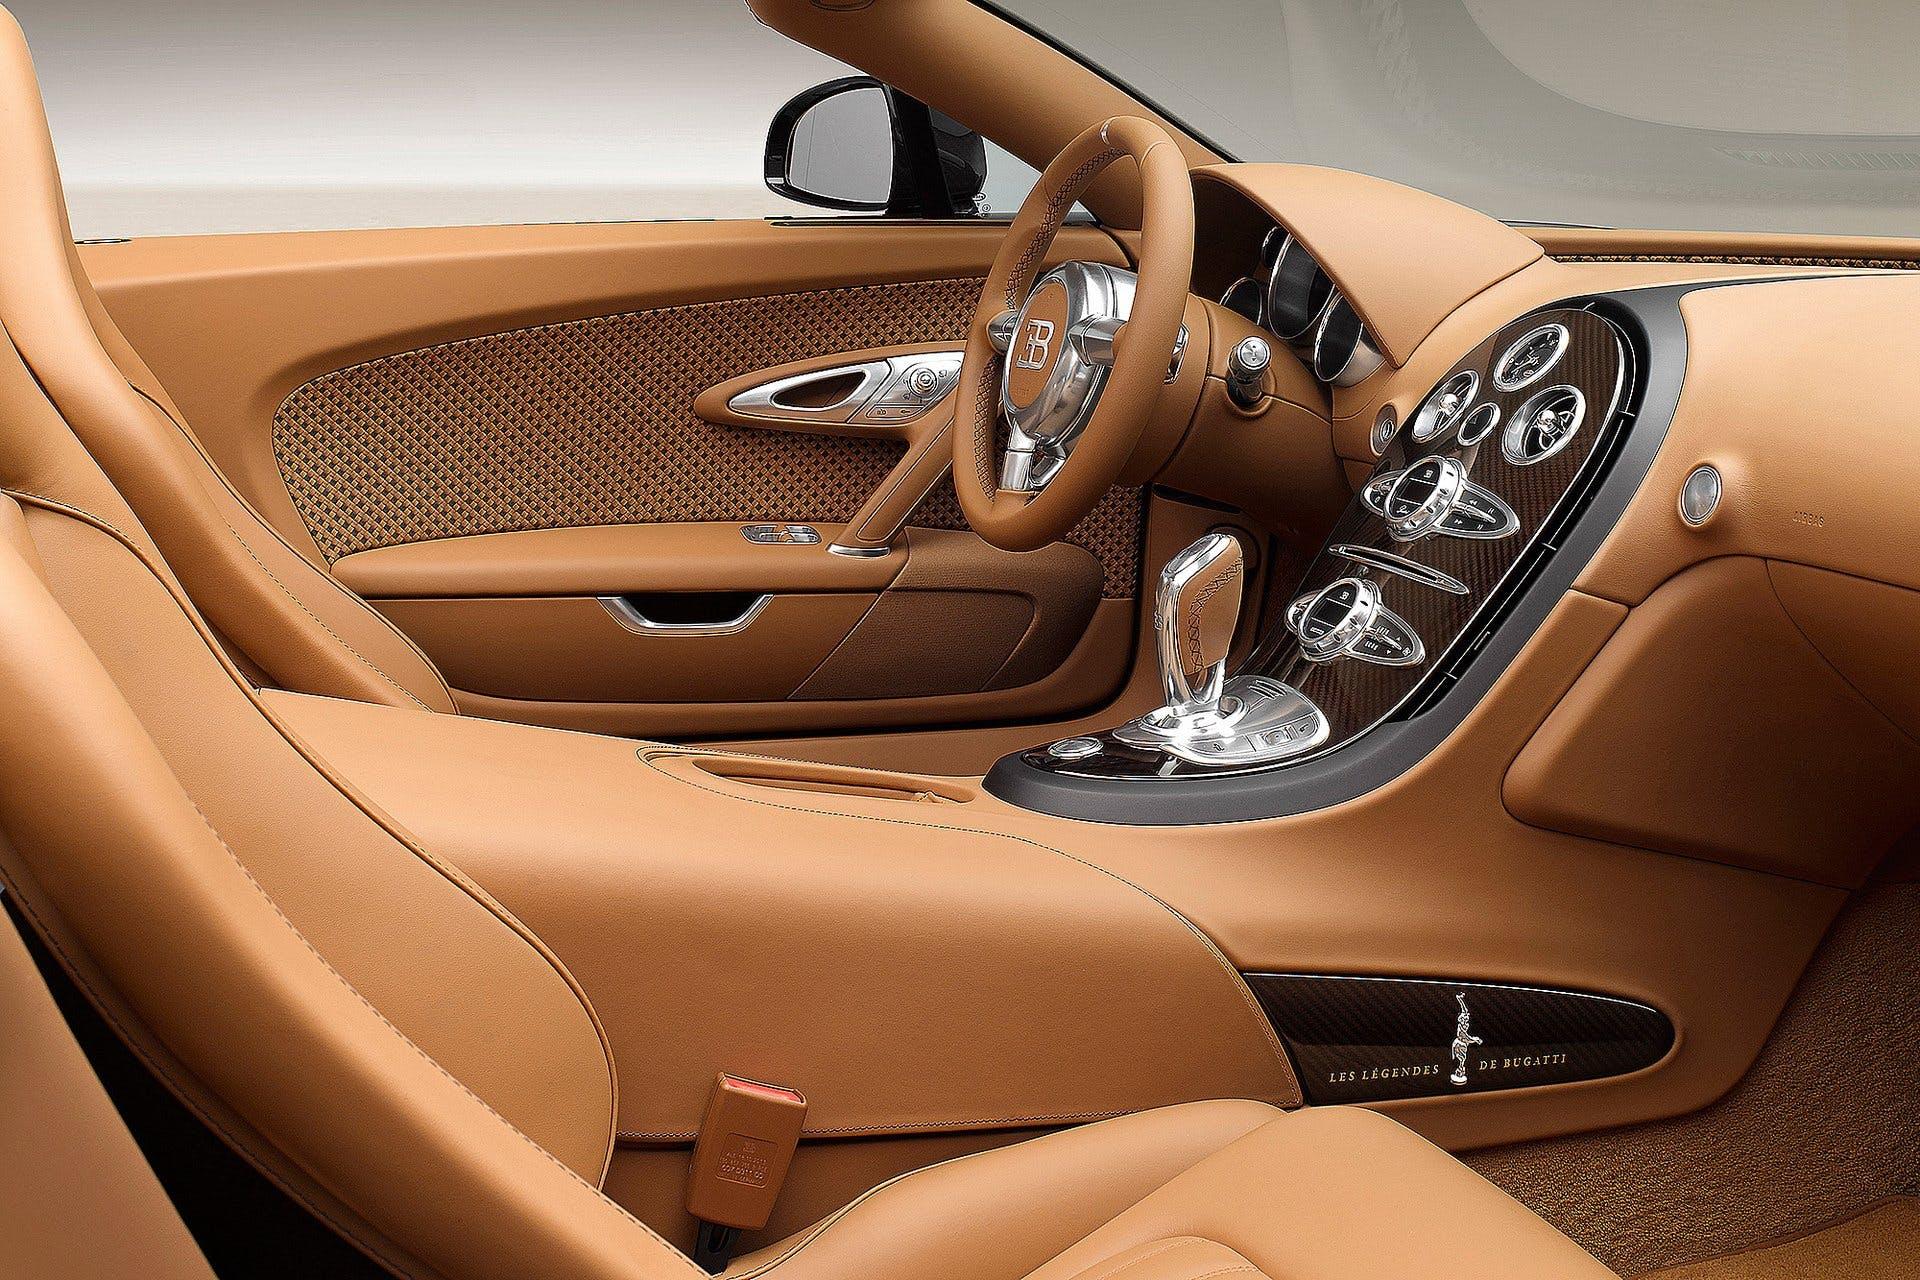 Bugatti Veyron 16.4 Grand Sport Vitesse Rembrandt Bugatti-002